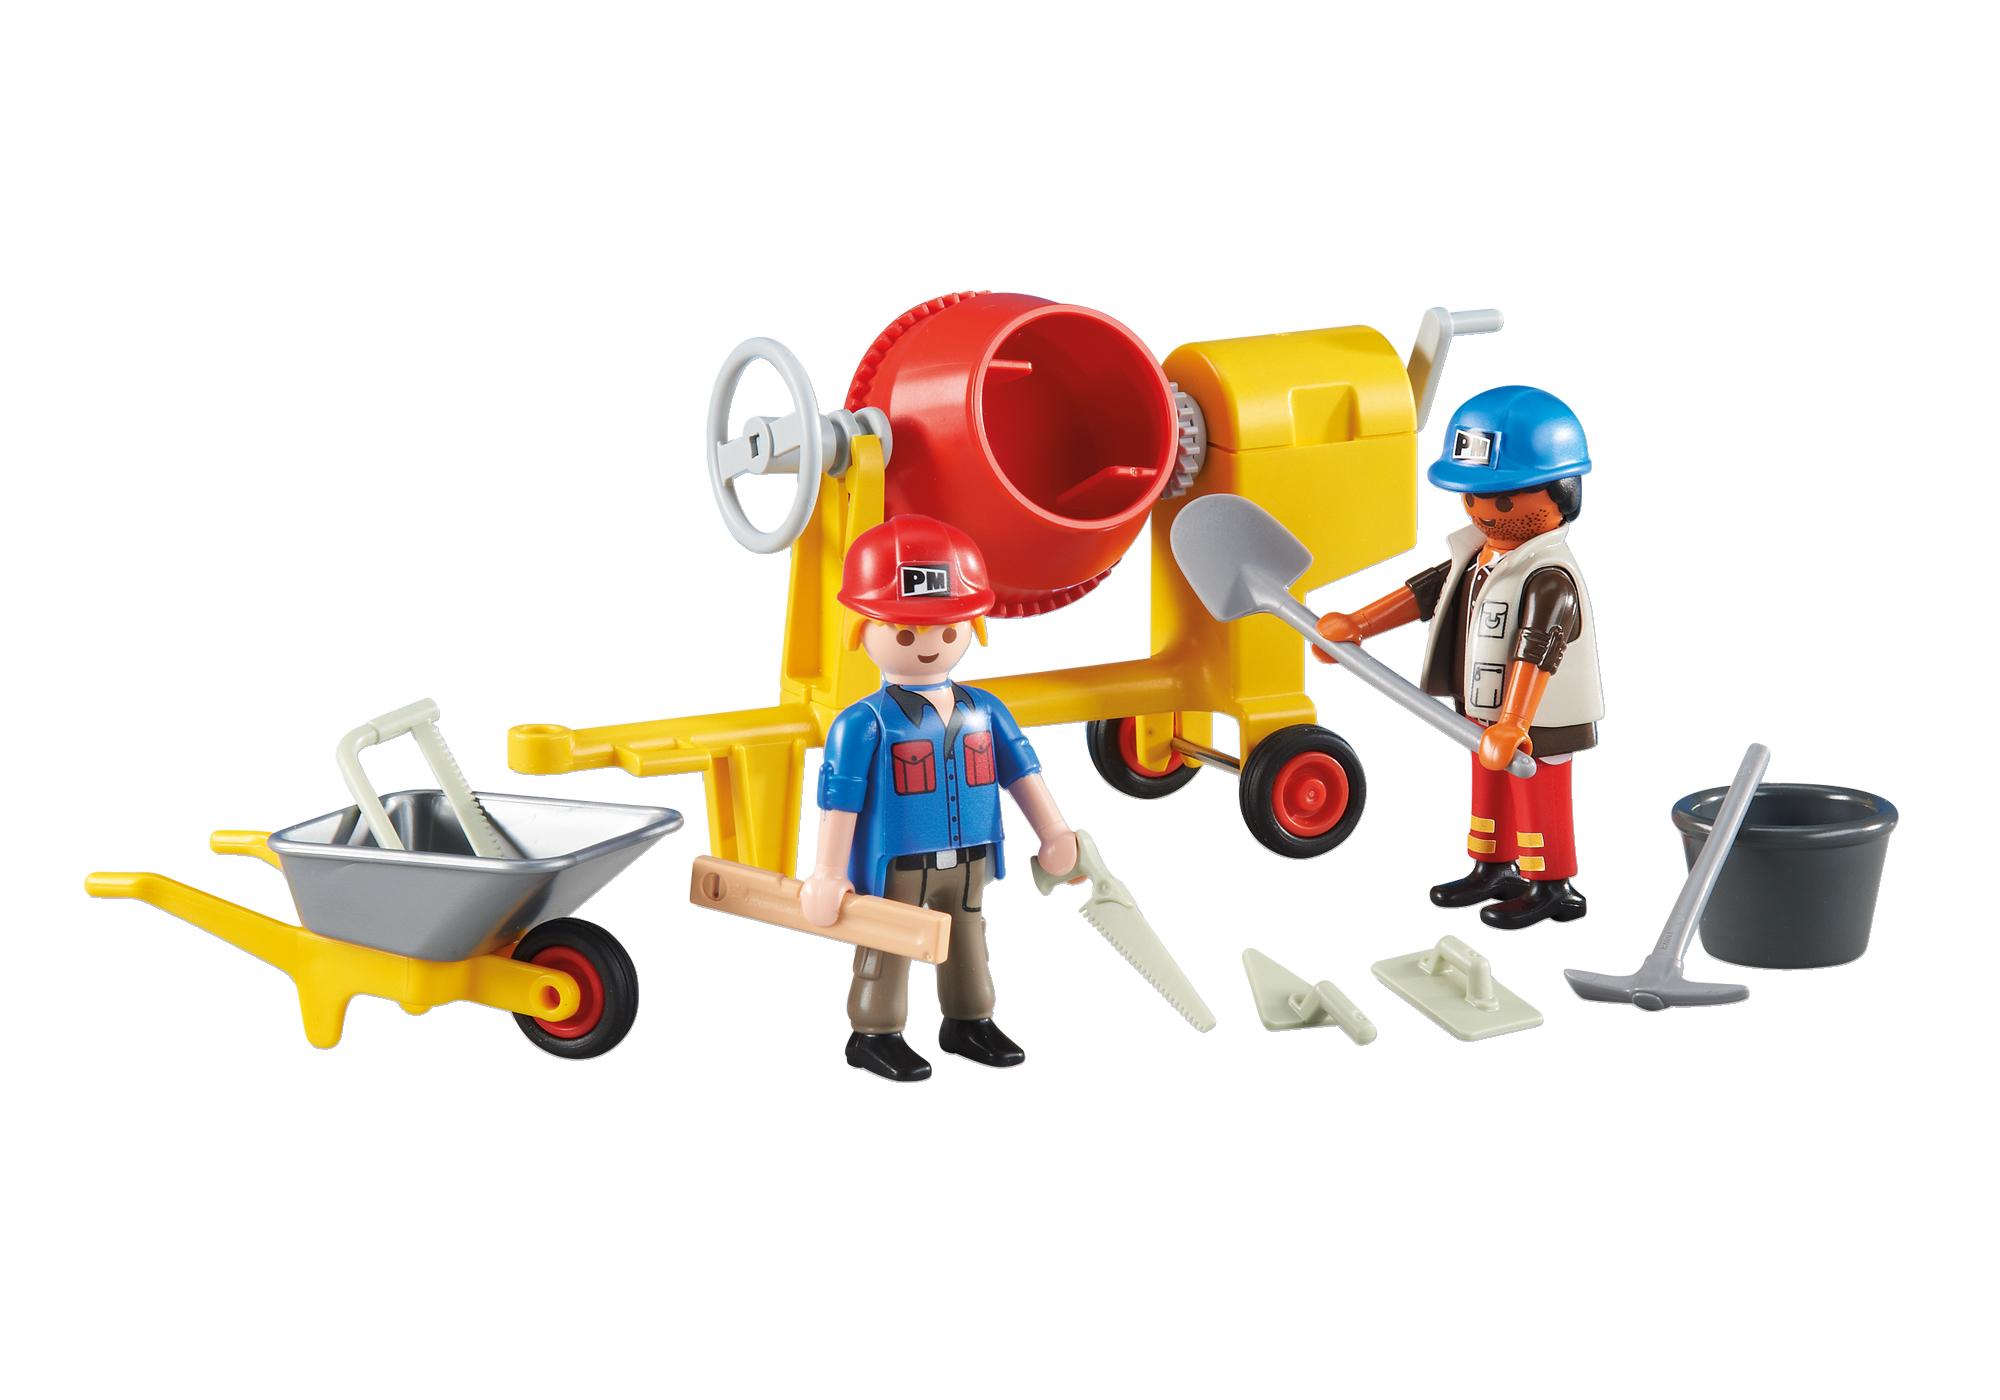 Bauarbeiter zeichnung  2 Bauarbeiter - 6339 - PLAYMOBIL® Deutschland